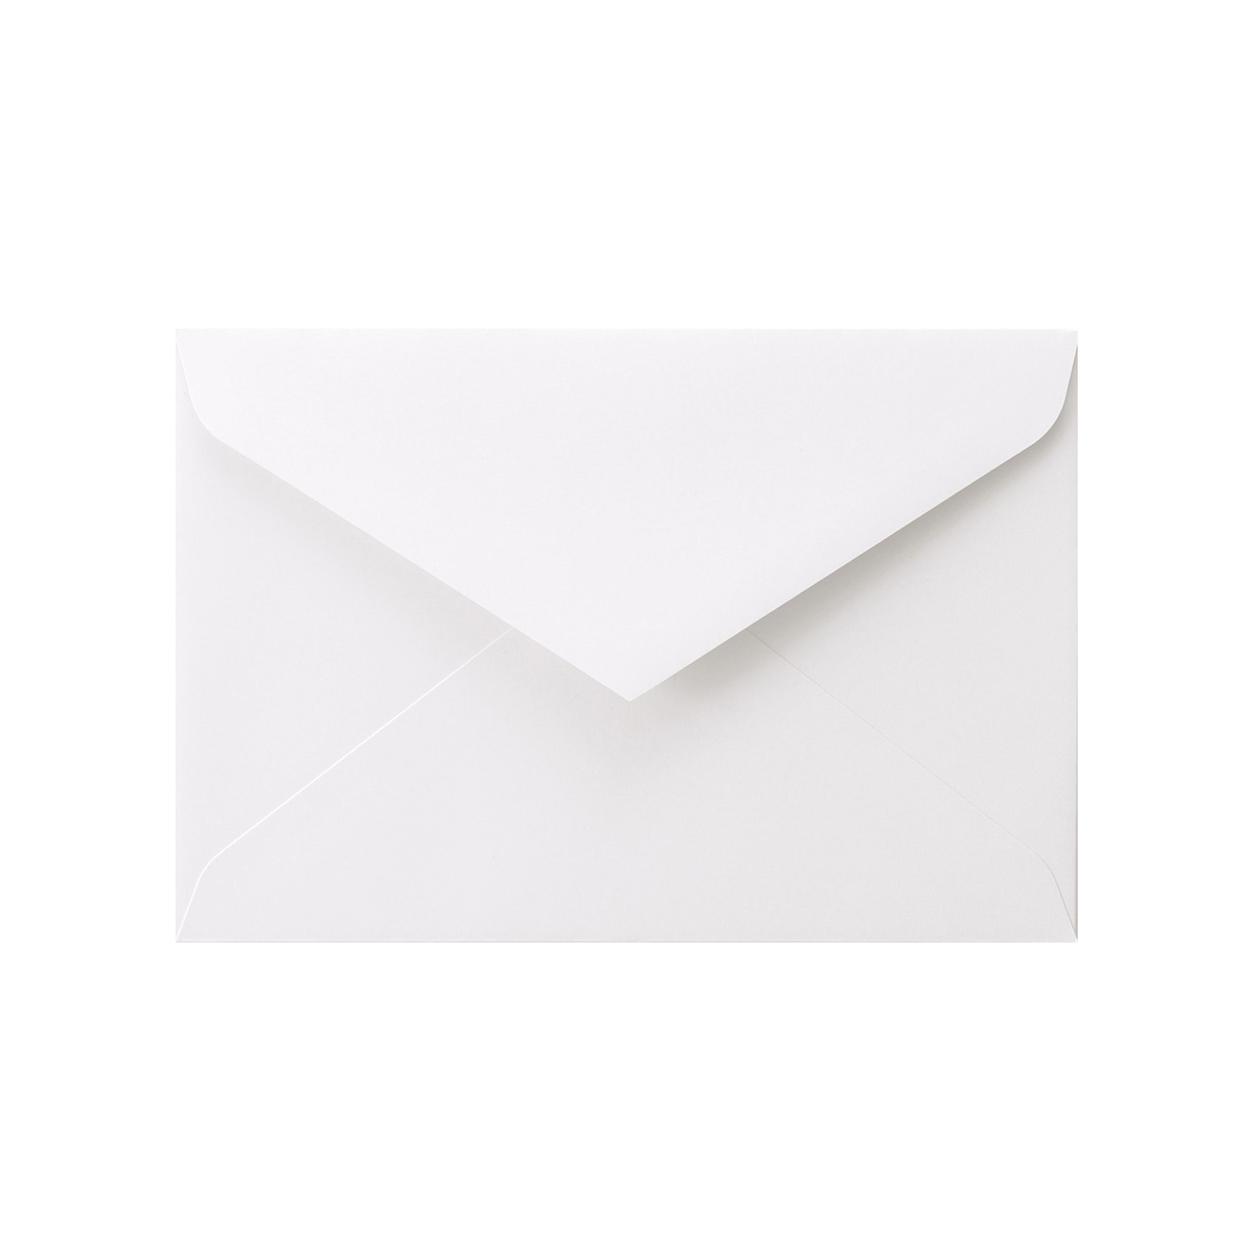 洋1ダイア封筒 エクセルケント 157g